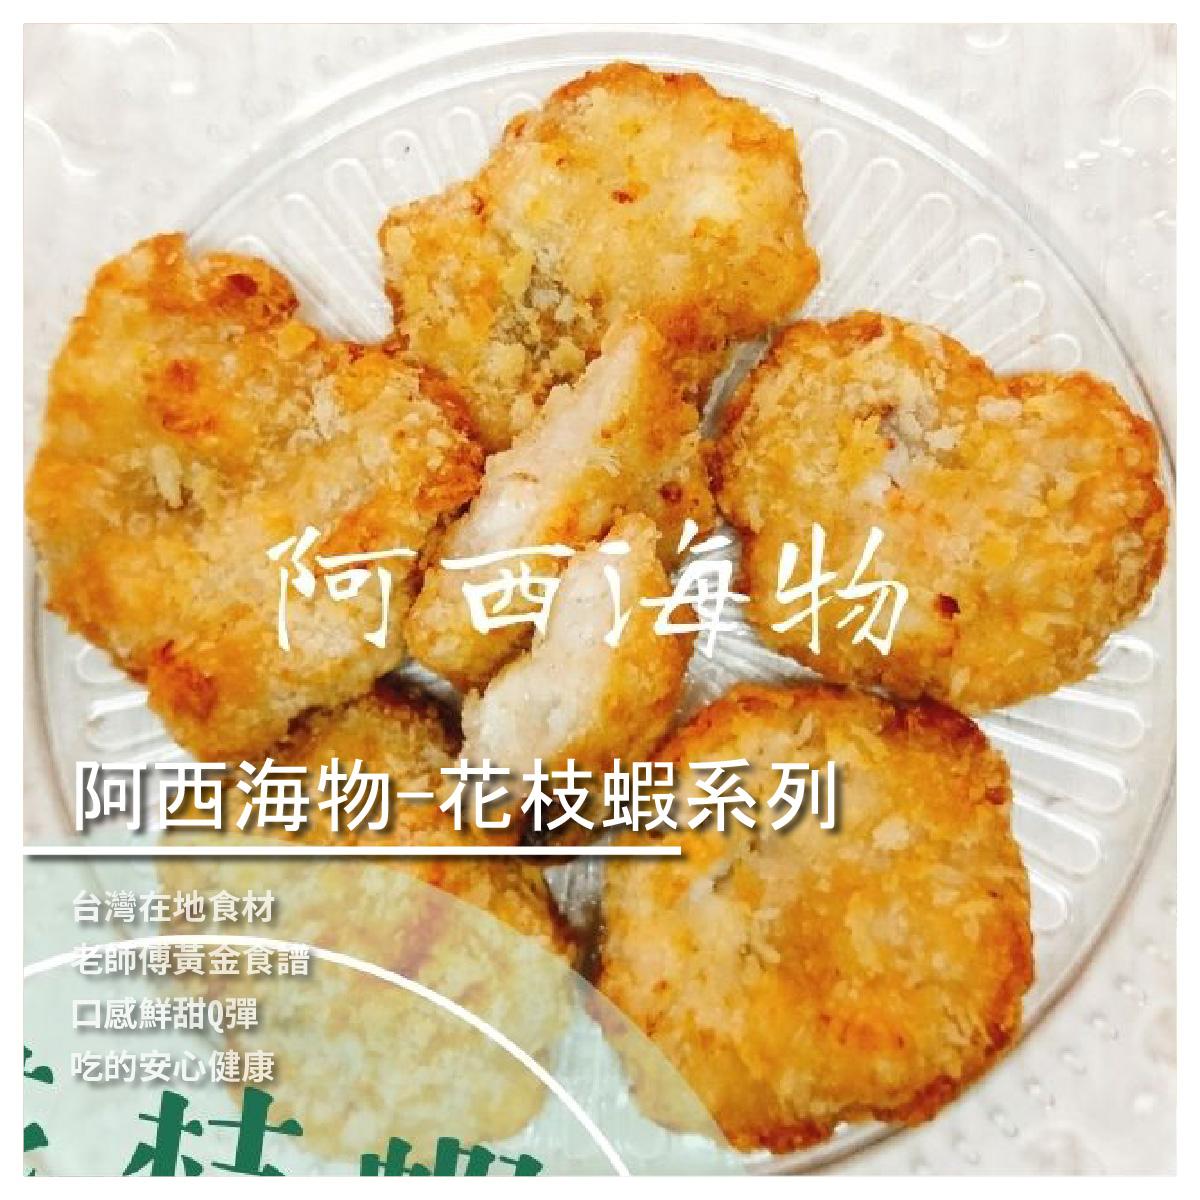 【水狗西西商行】阿西海物-花枝蝦系列/四款口味